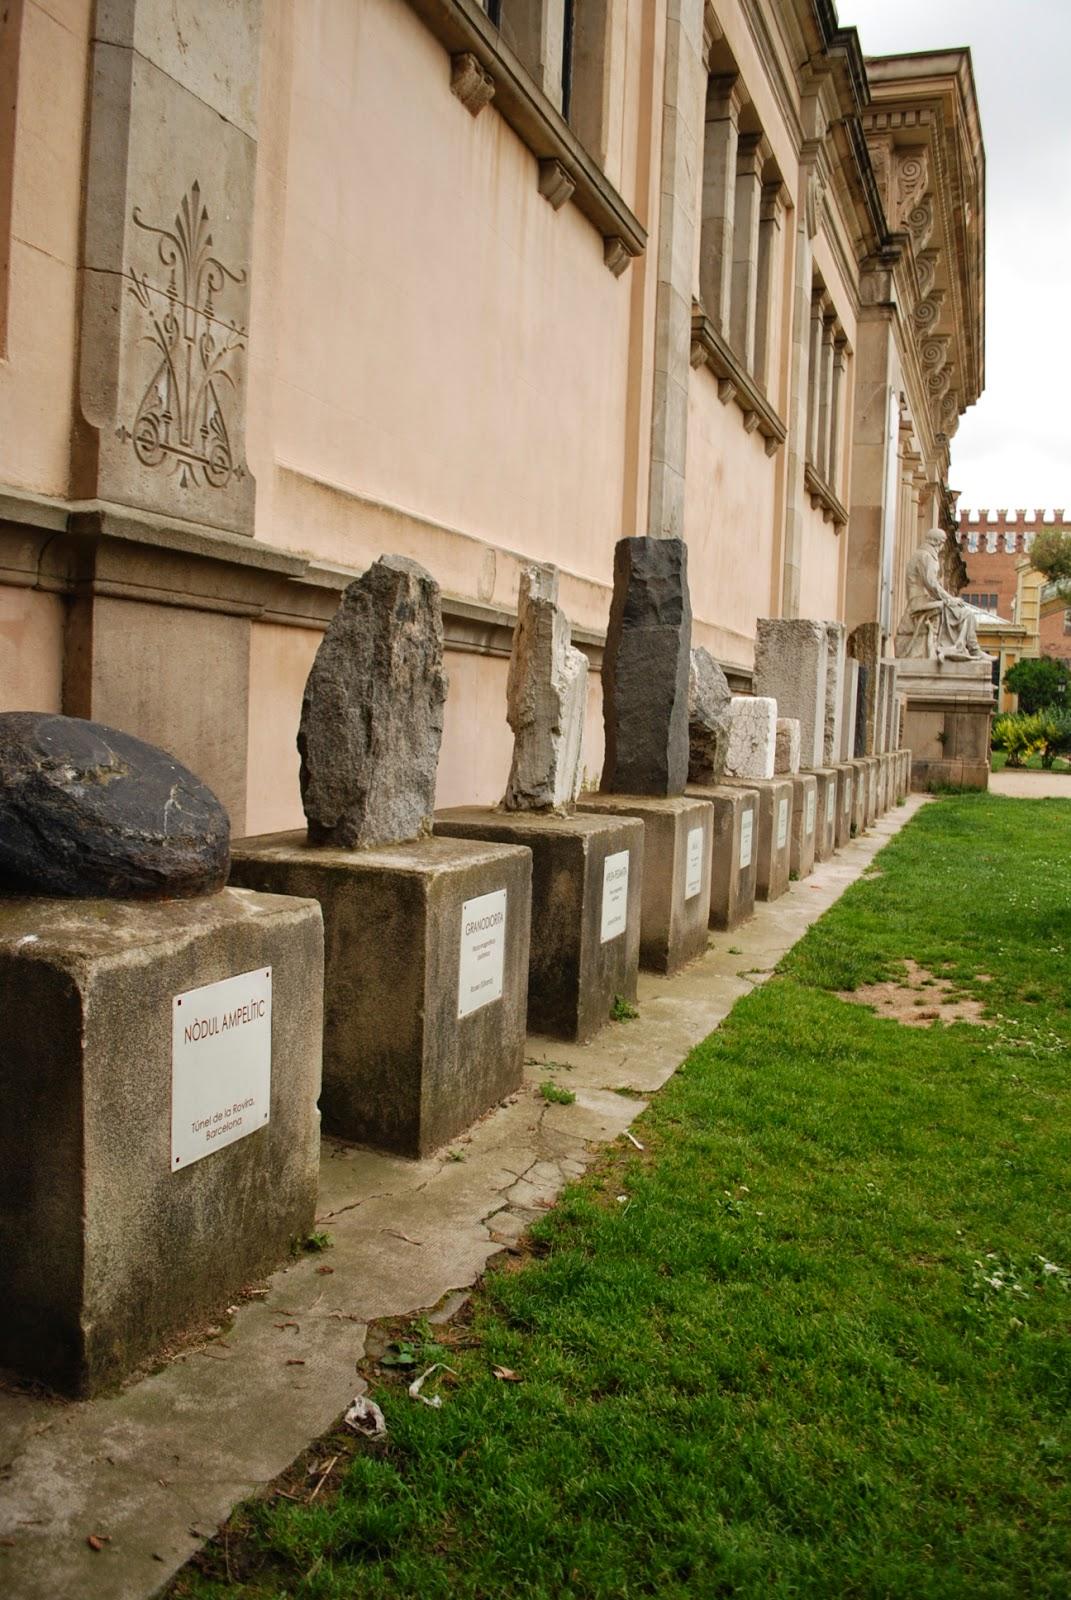 Камни у музея геологии. Парк Цитадели (Сьютаделья, Ciutadella), Барселона, Каталония, Испания. Parc de la Ciutadella, Barcelona, Catalonia, Spain